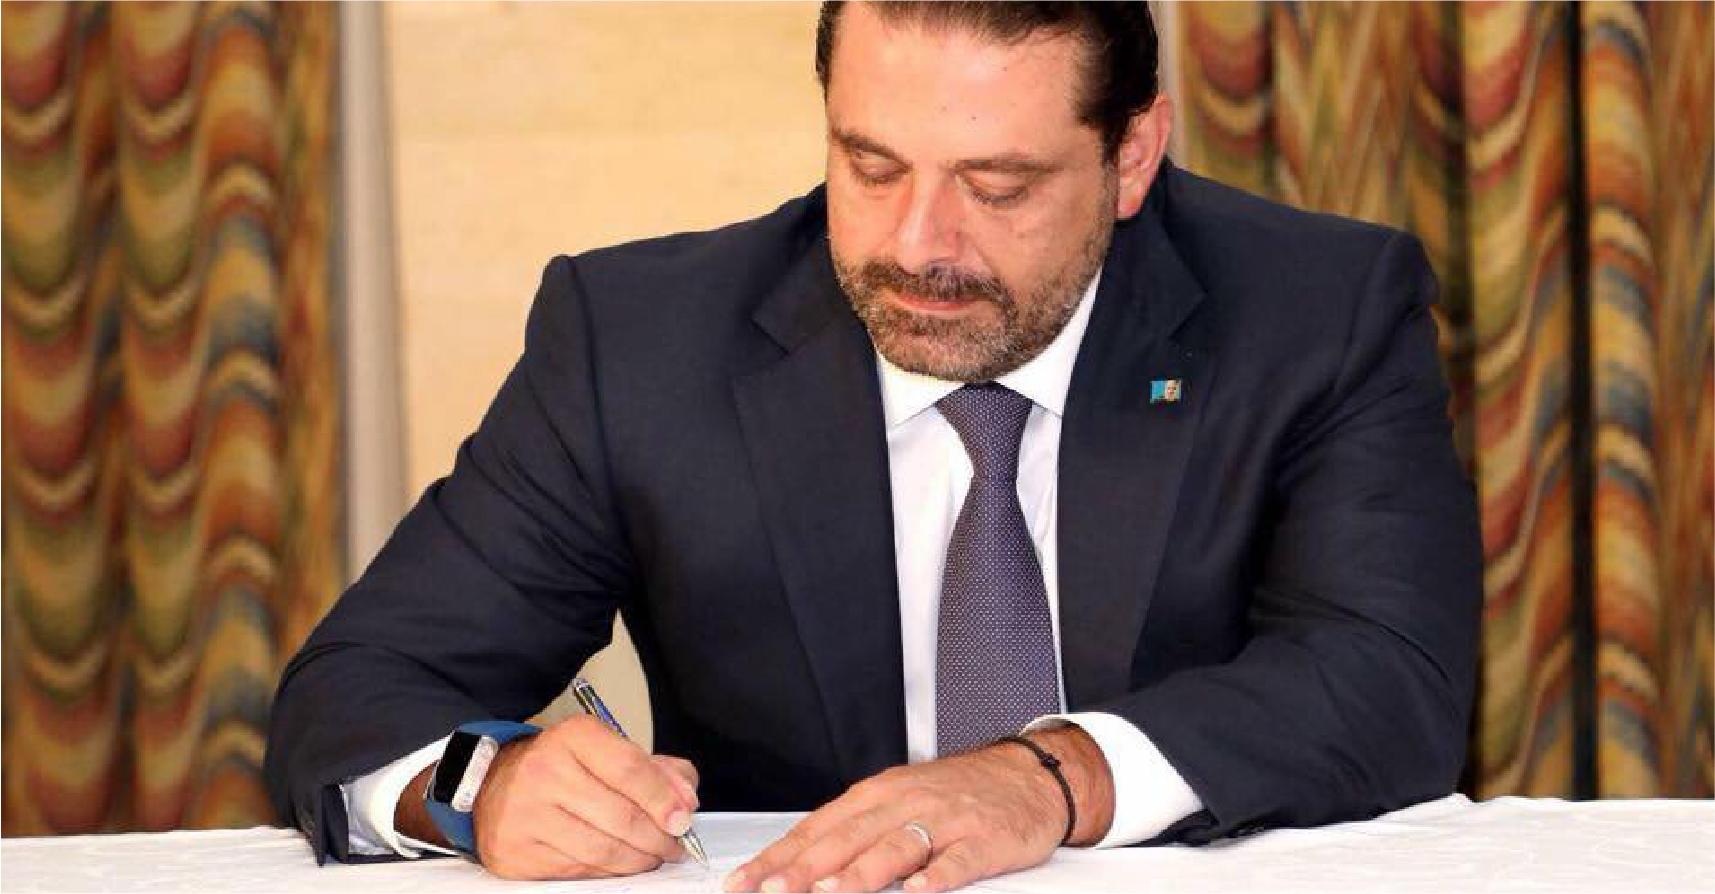 صورة مصادر تؤكد أنَّ الحريري كتب استقالته بنفسه تأكيداً على استقلاليته